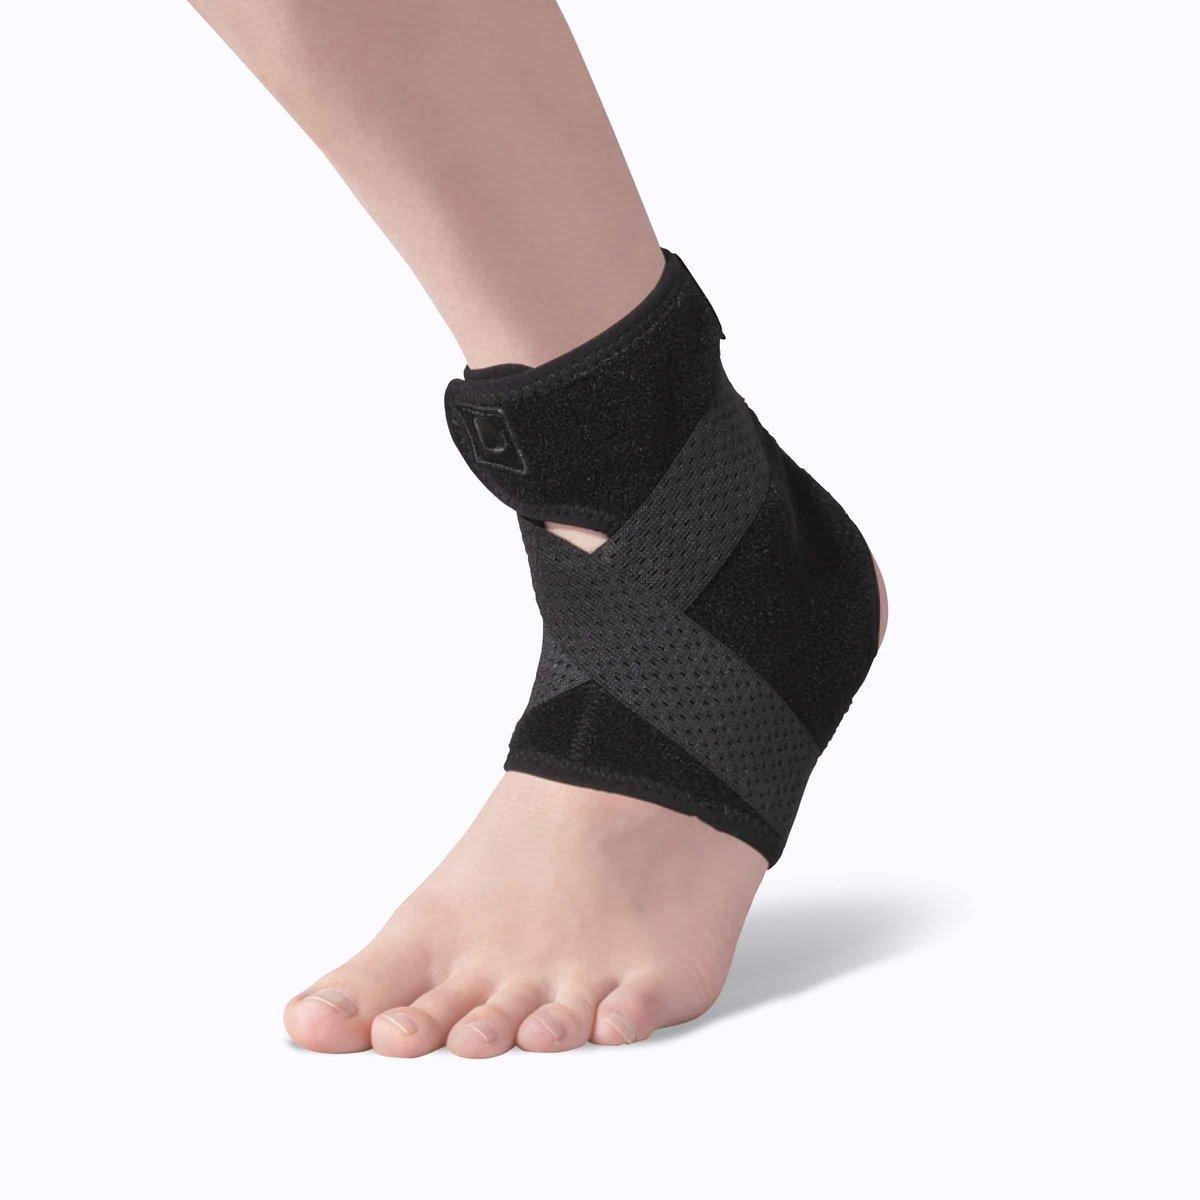 Đai Bảo Vệ Cổ Chân Phiten Supporter Ankle Hard Type ( Loại Cứng )